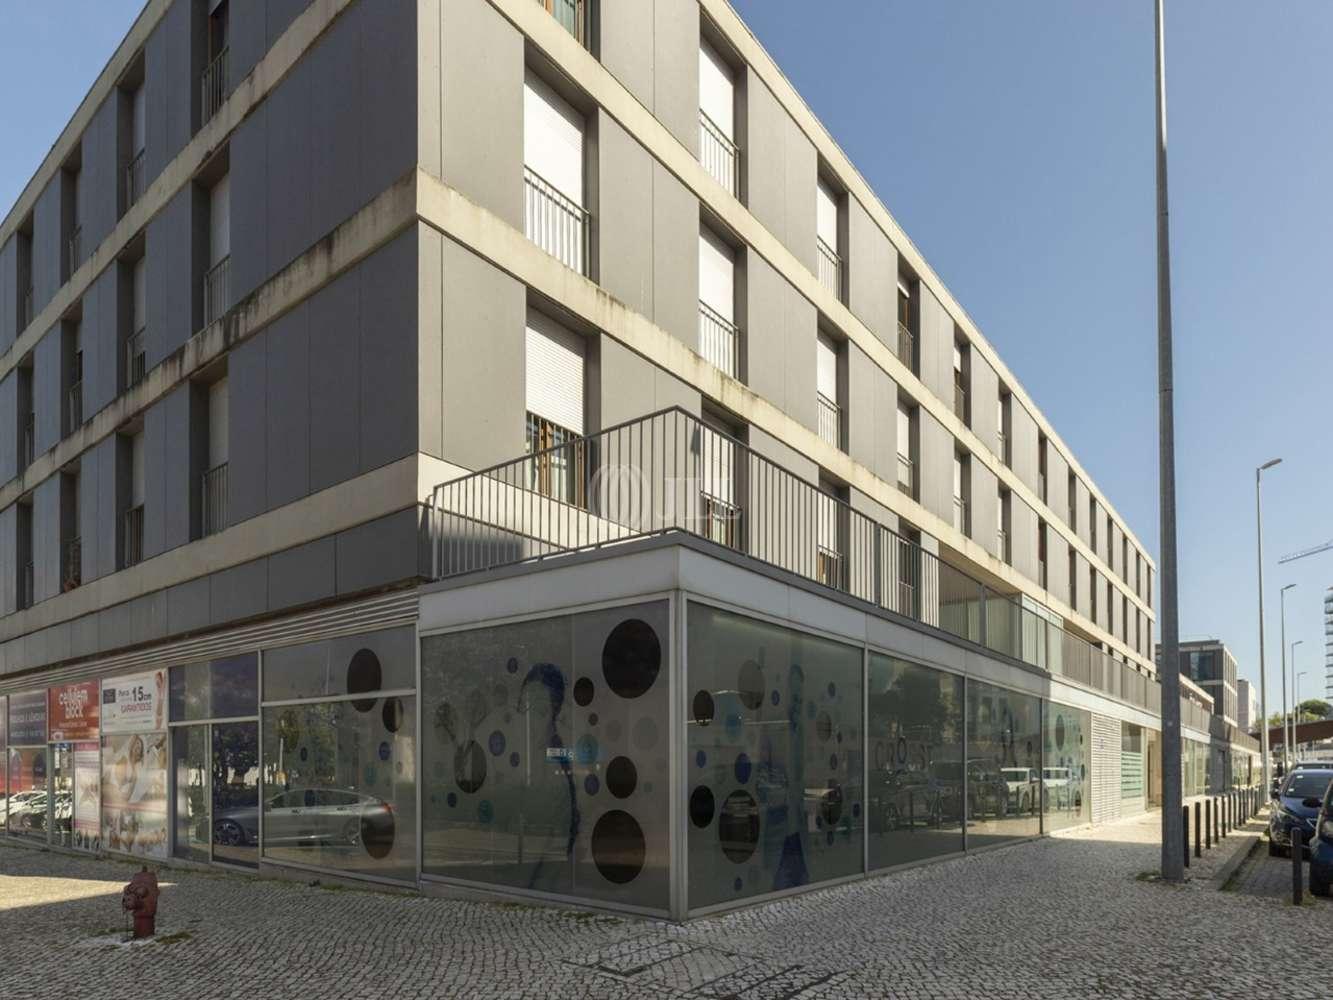 Loja Lisboa,  - Escritório com 3 lugares de estacionamento no Parque das Nações, Lisboa.